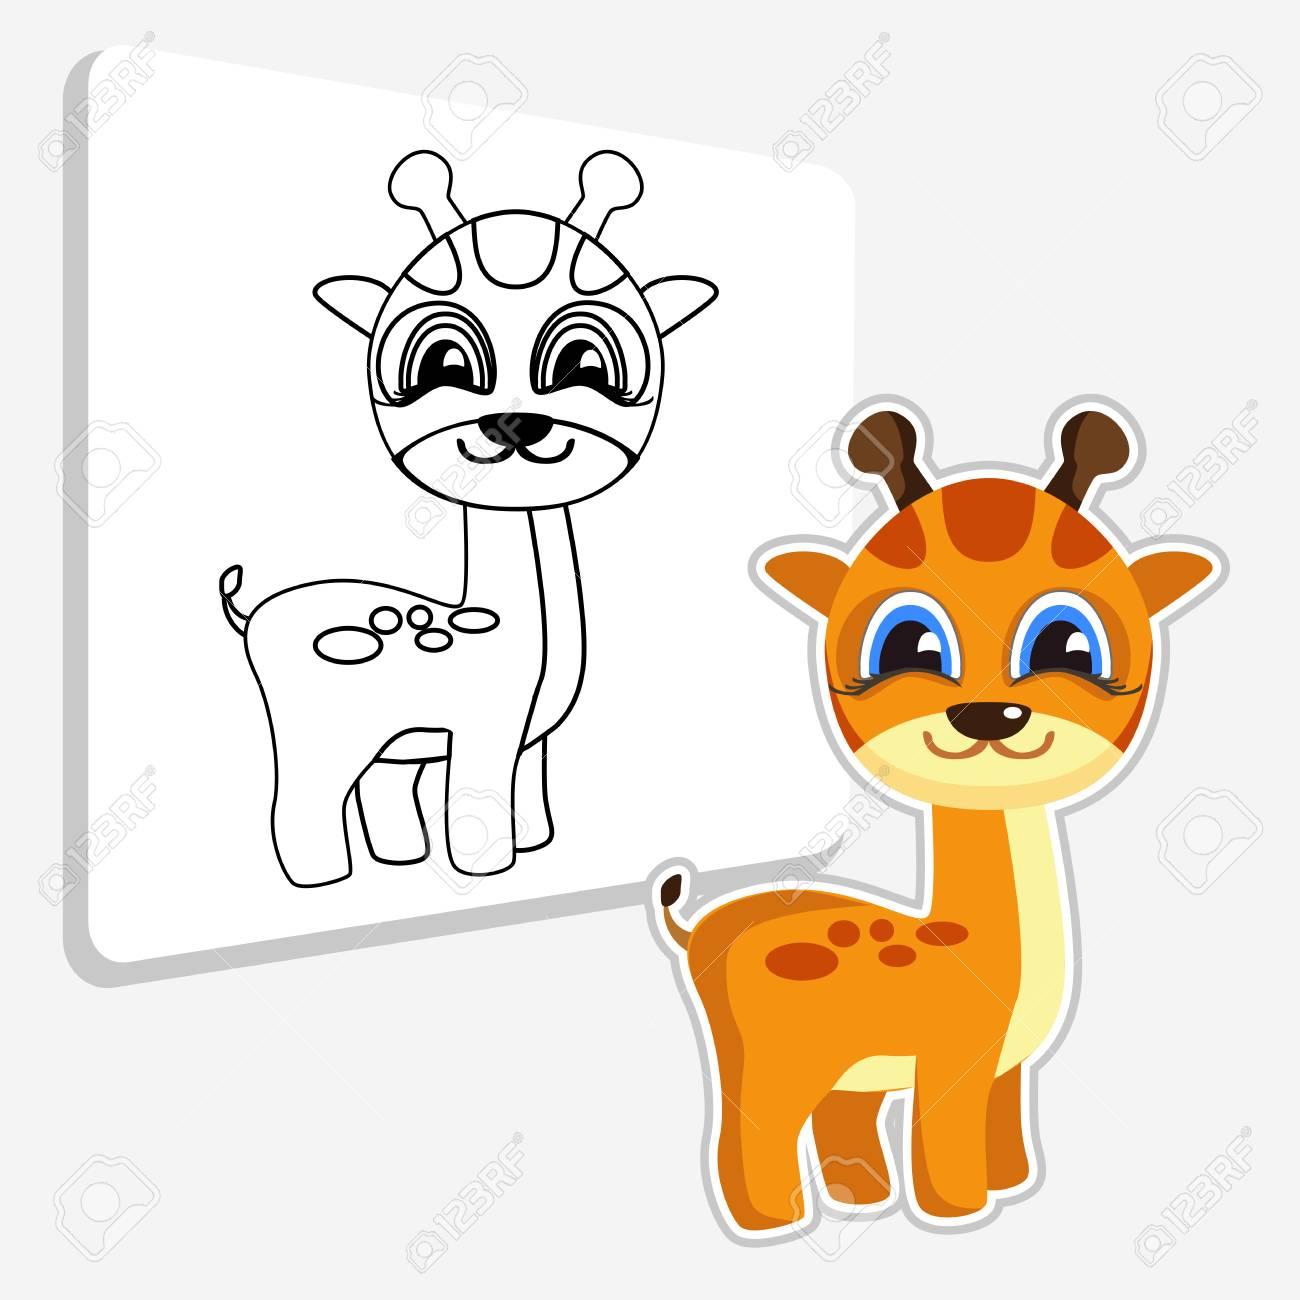 Coloriage En Ligne Educatif.Couleur De Dessin Anime Stylise Girafe Illustration Et Dessin Ligne Noire Et Blanche Jeu Educatif Livre De Coloriage Pour Les Enfants